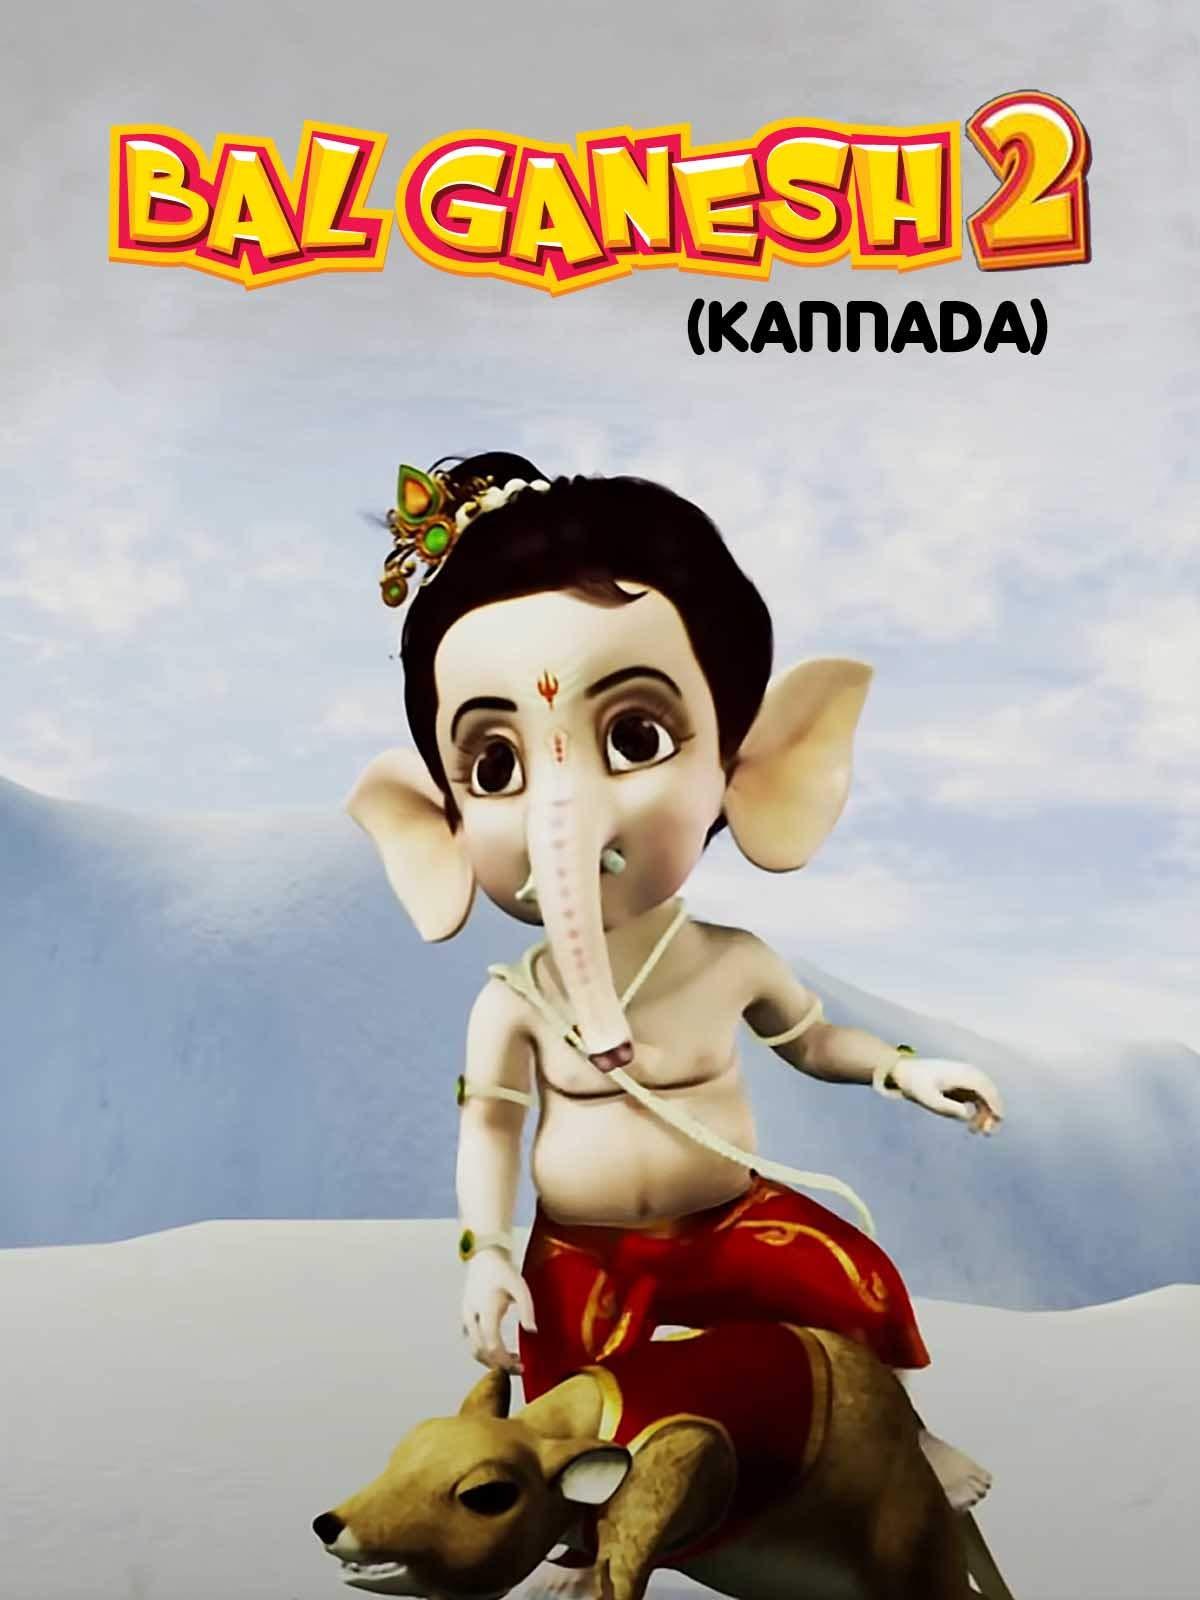 Bal Ganesh 2 (Kannada)